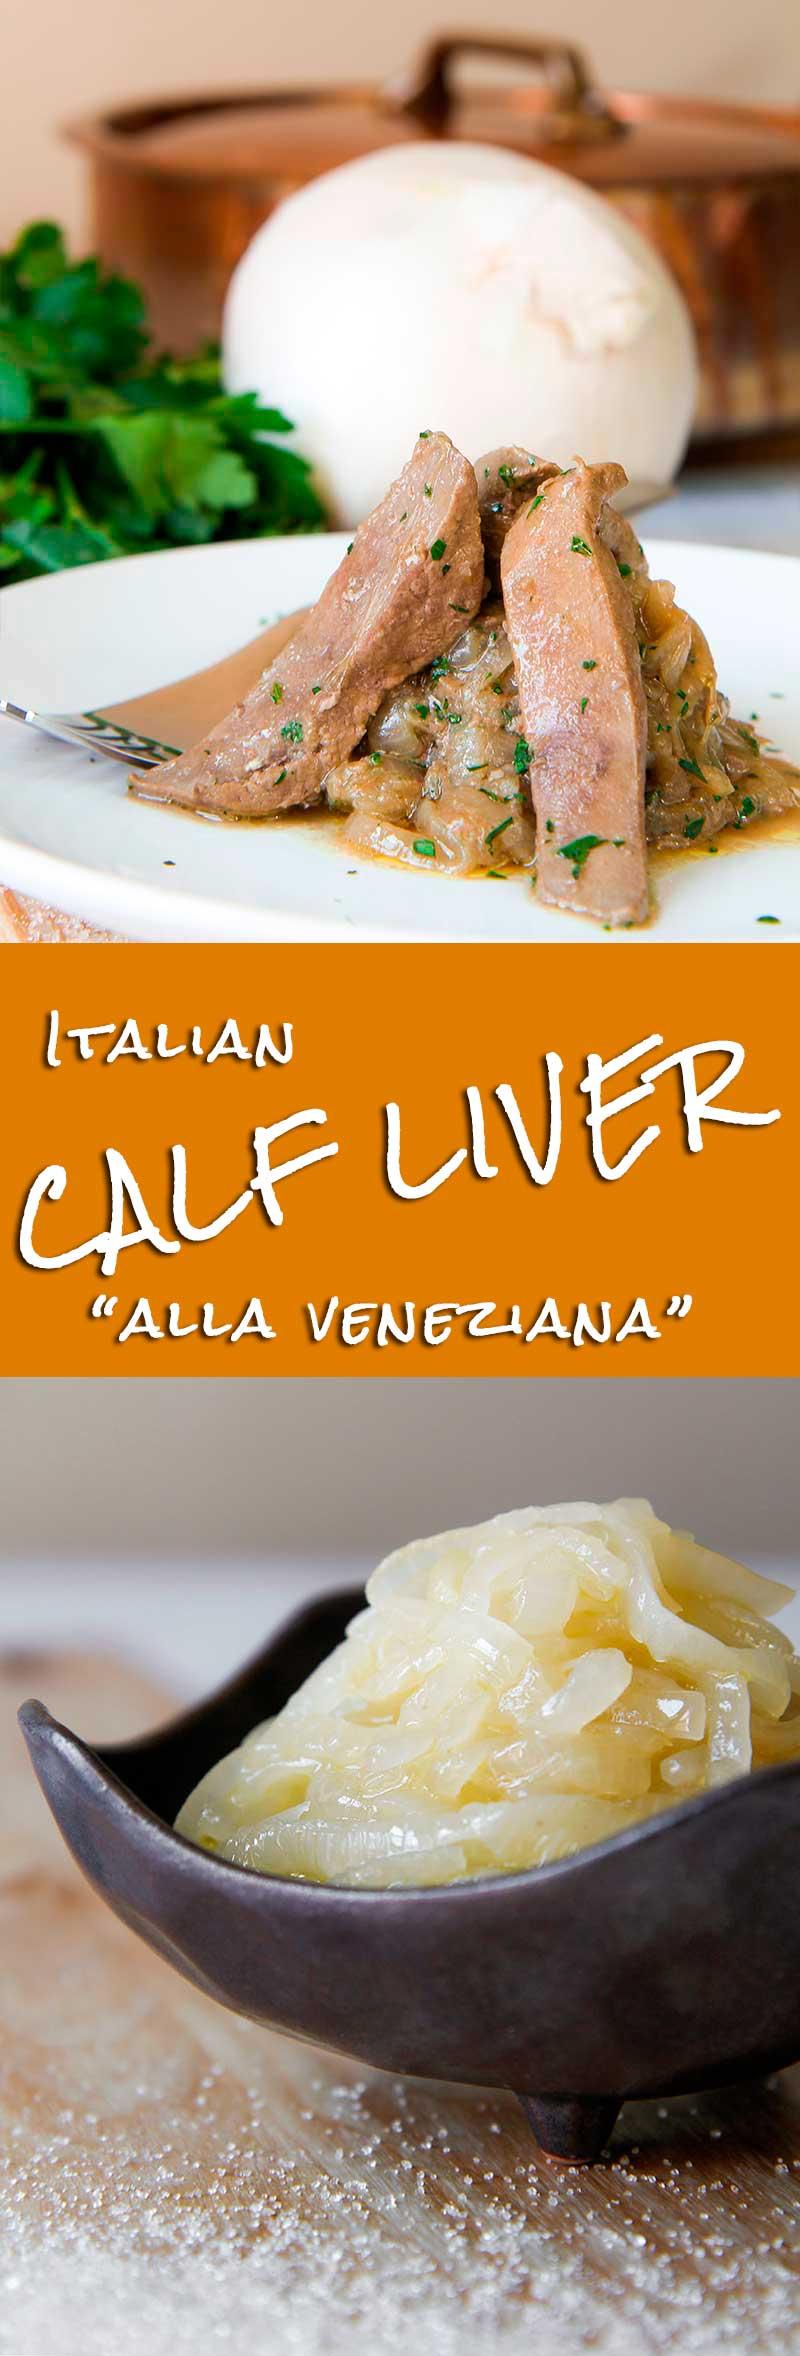 CALF LIVER VENETIAN STYLE (fegato alla veneziana)